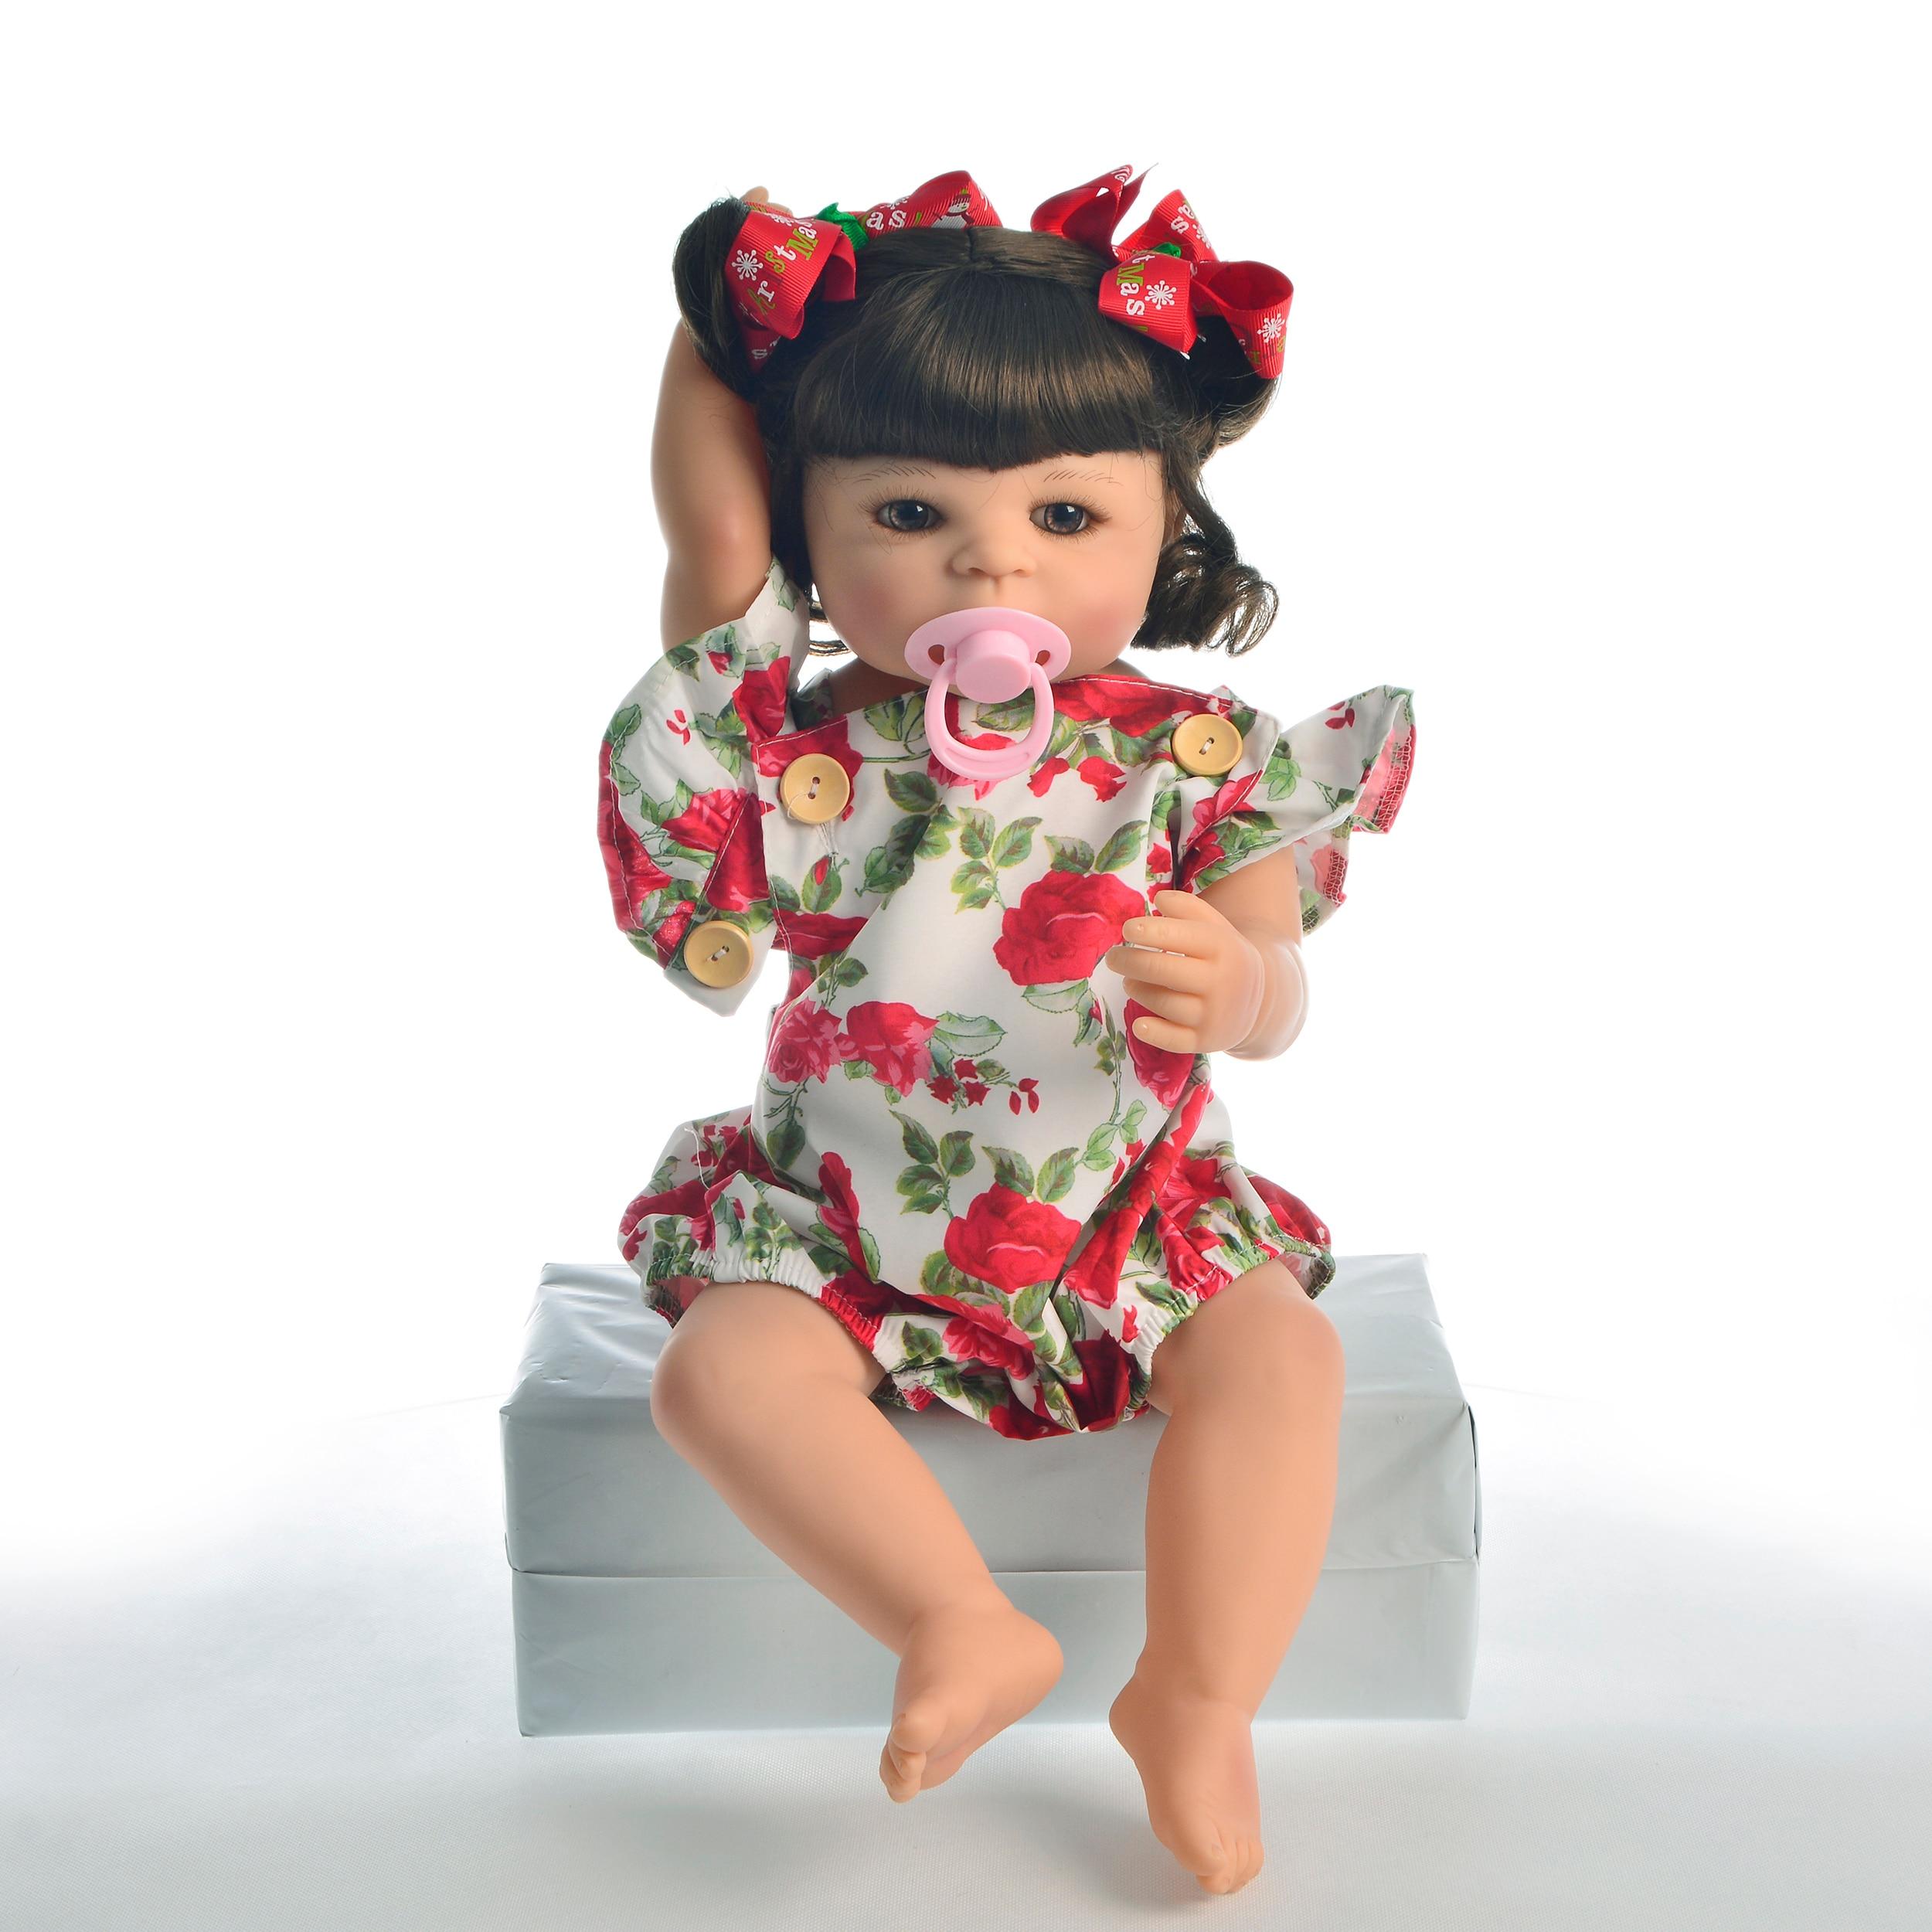 """Oyuncaklar ve Hobi Ürünleri'ten Bebekler'de Sıcak Satış 22 """"55 cm Silikon Tam Vücut Yeniden Doğmuş Bebek Bebek Oyuncak Kız Için Prenses Bebekler Oyuncak Giyim Gül romper Çocuk doğum günü hediyesi'da  Grup 3"""